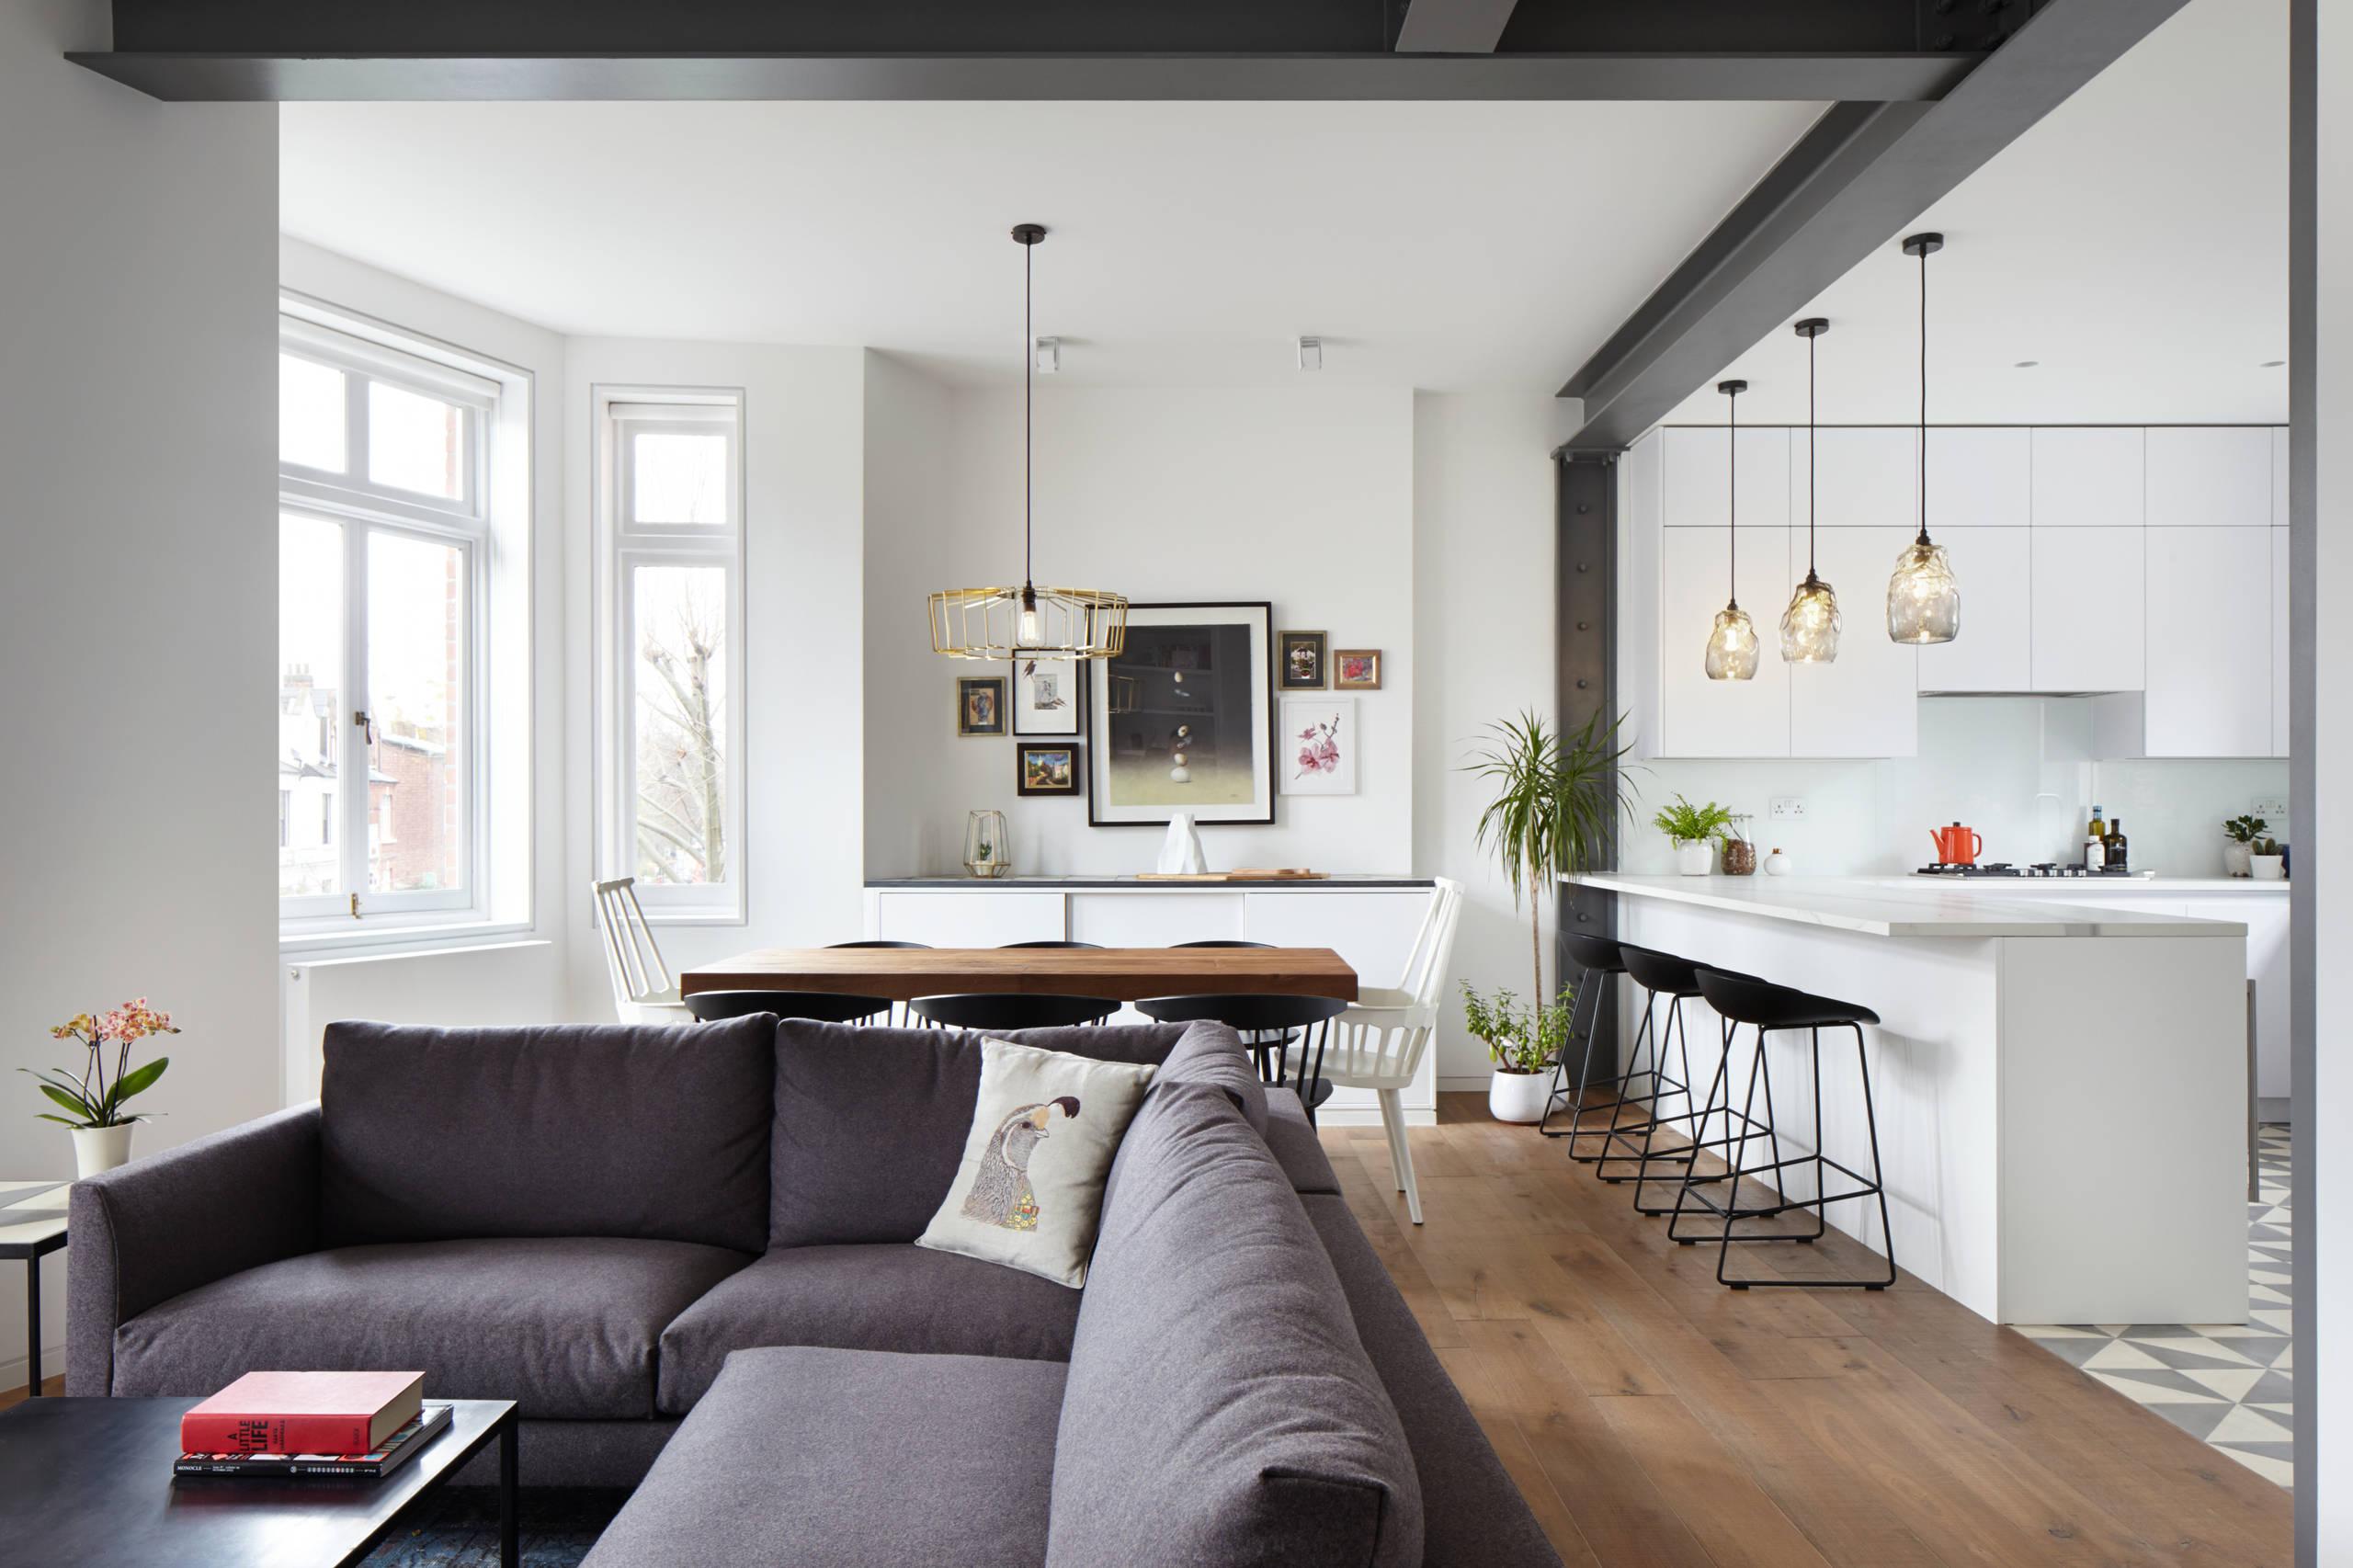 кухня студия в квартире фото интерьер